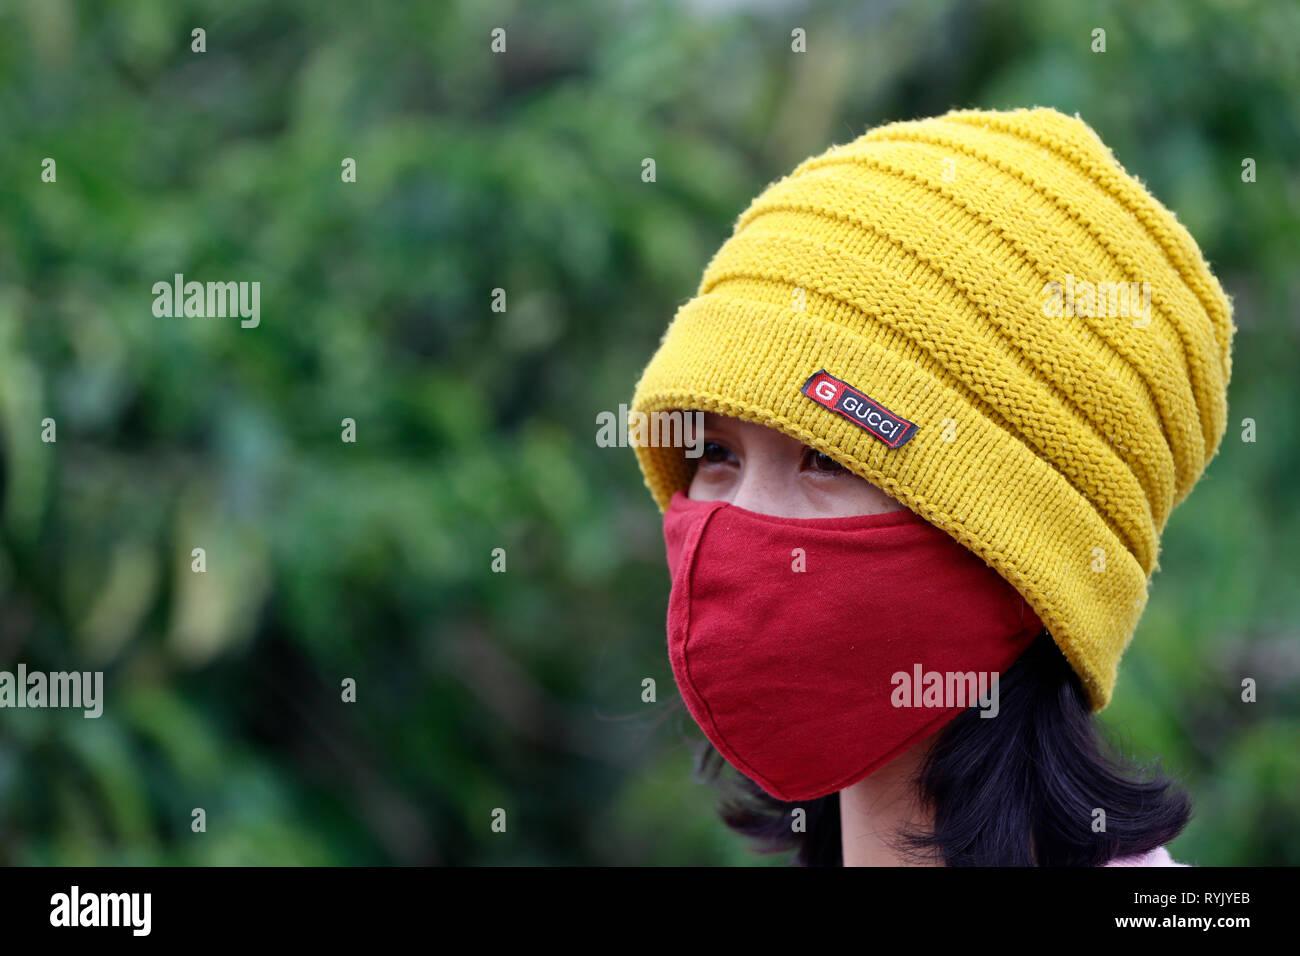 Giovane donna che indossa una maschera di inquinamento. Dalat. Il Vietnam. Immagini Stock